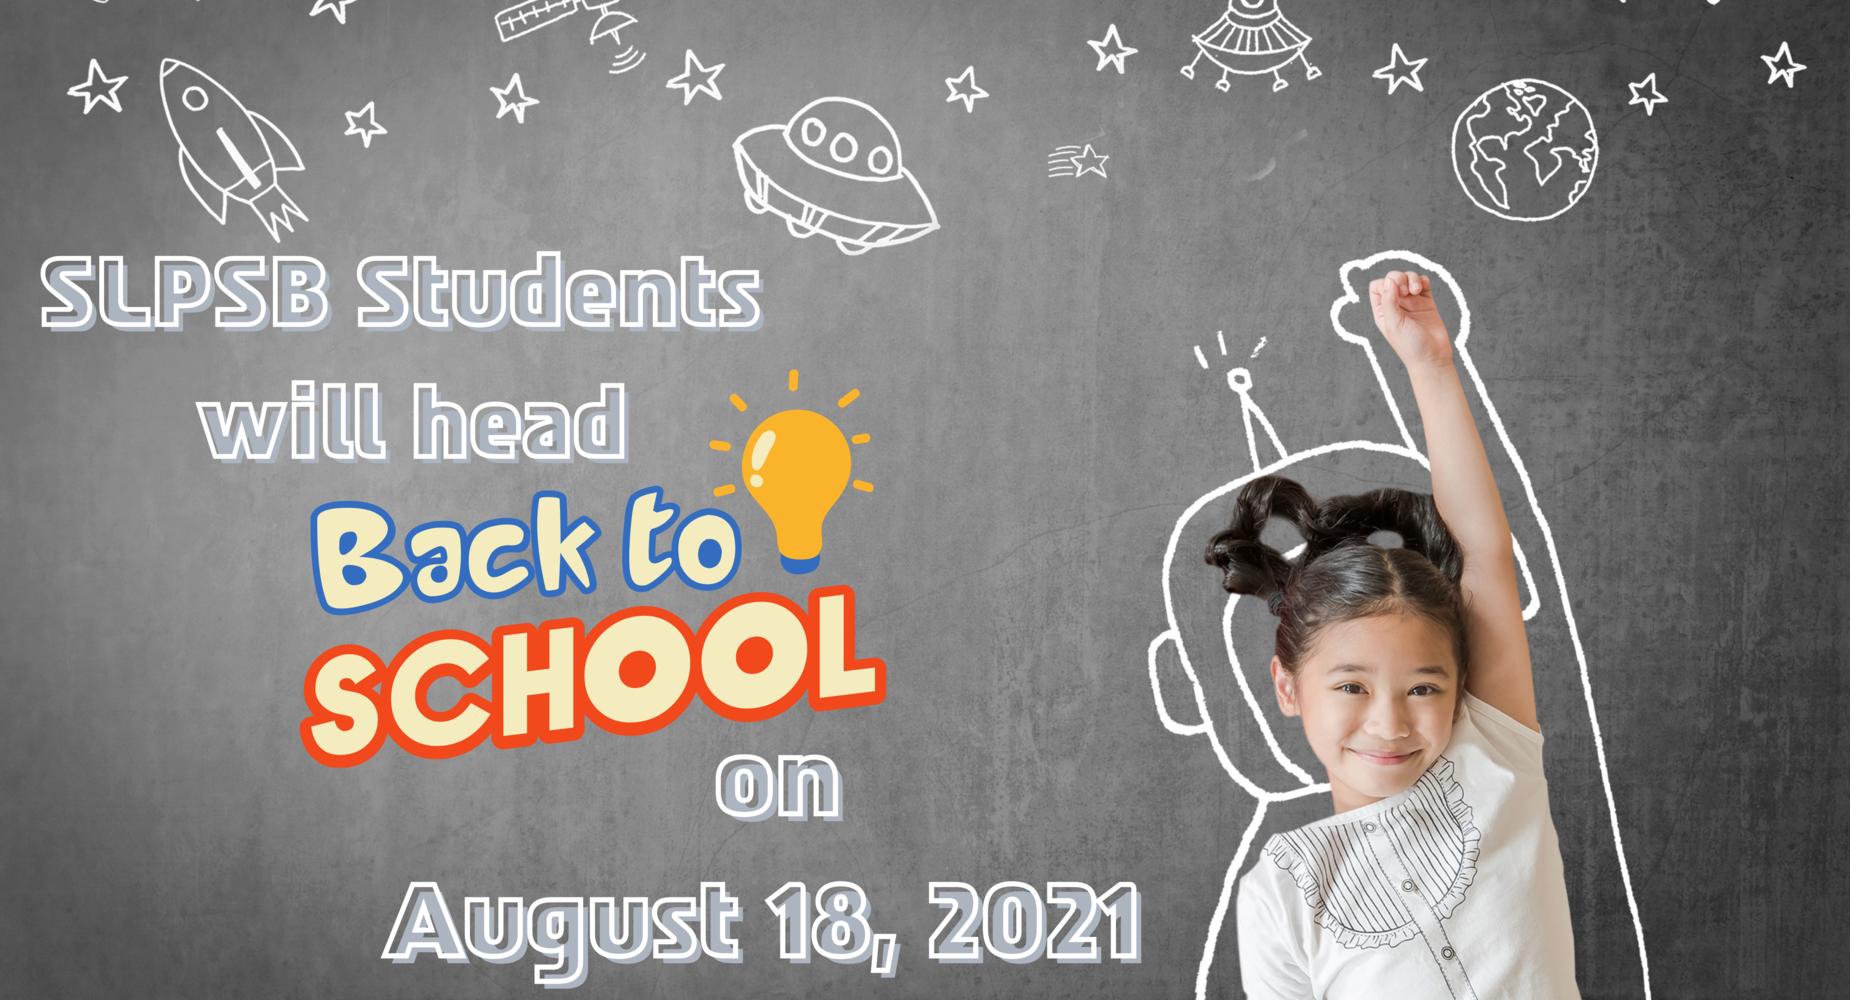 school starts on august 18, 2021